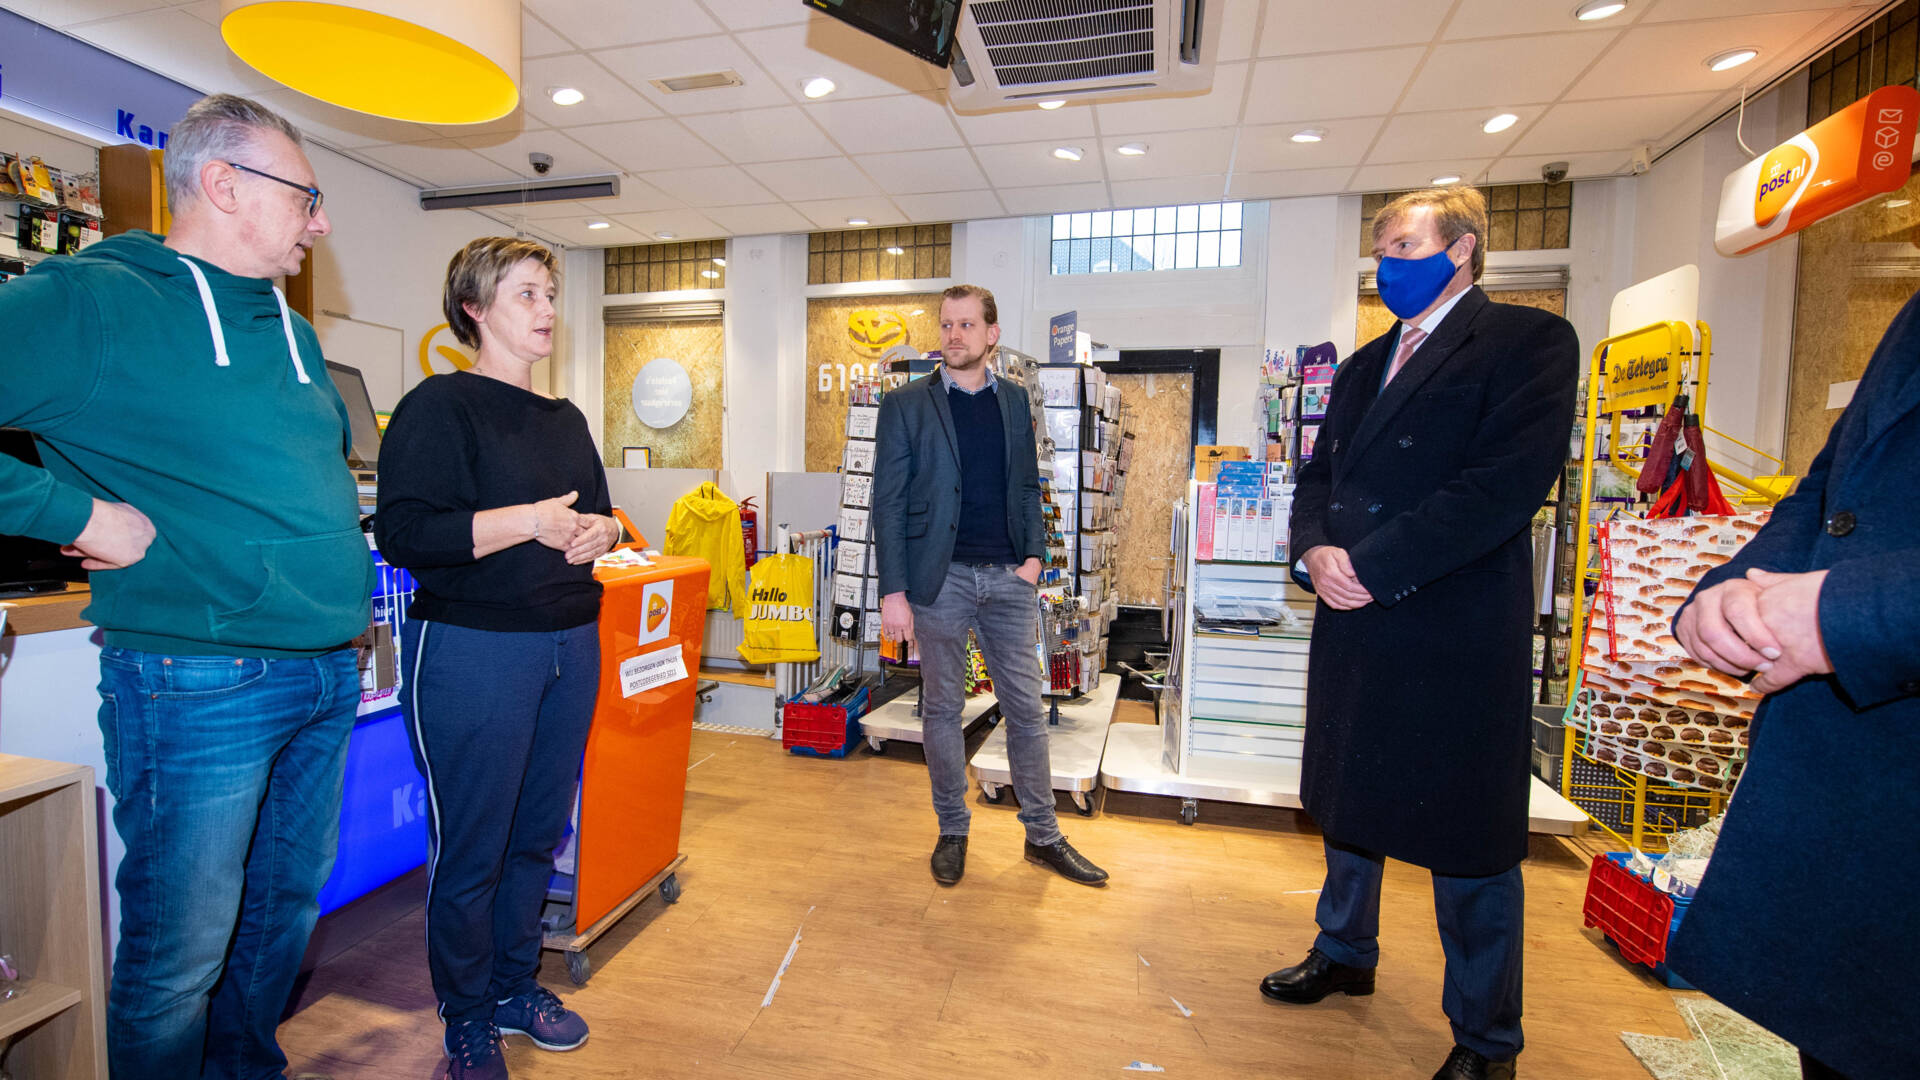 الملك الهولندي في زيارة الى دن بوش للتحدث مع المتضررين من اعمال الشغب